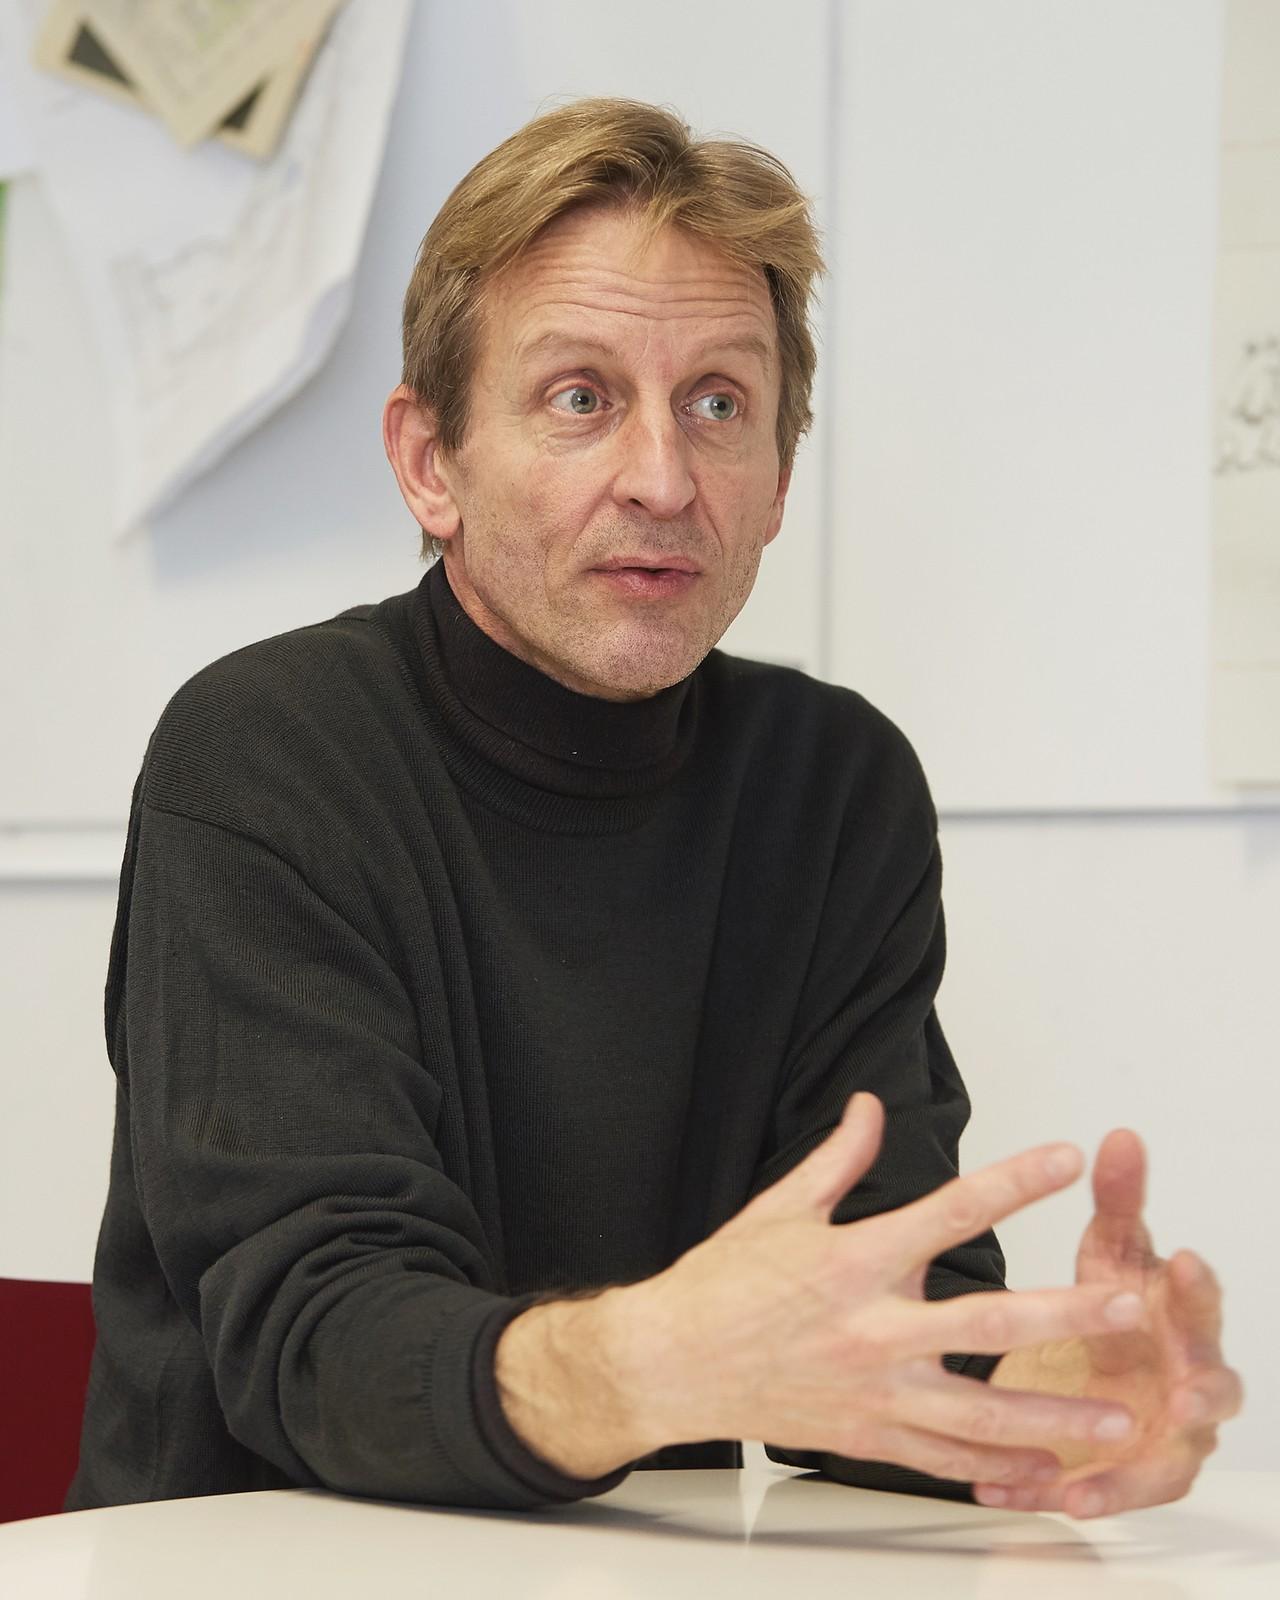 Christof Struhk Geschäftsführer von Modulor in Berlin über die Hindernisse auf dem Weg zum nachhaltigeren Unternehmen